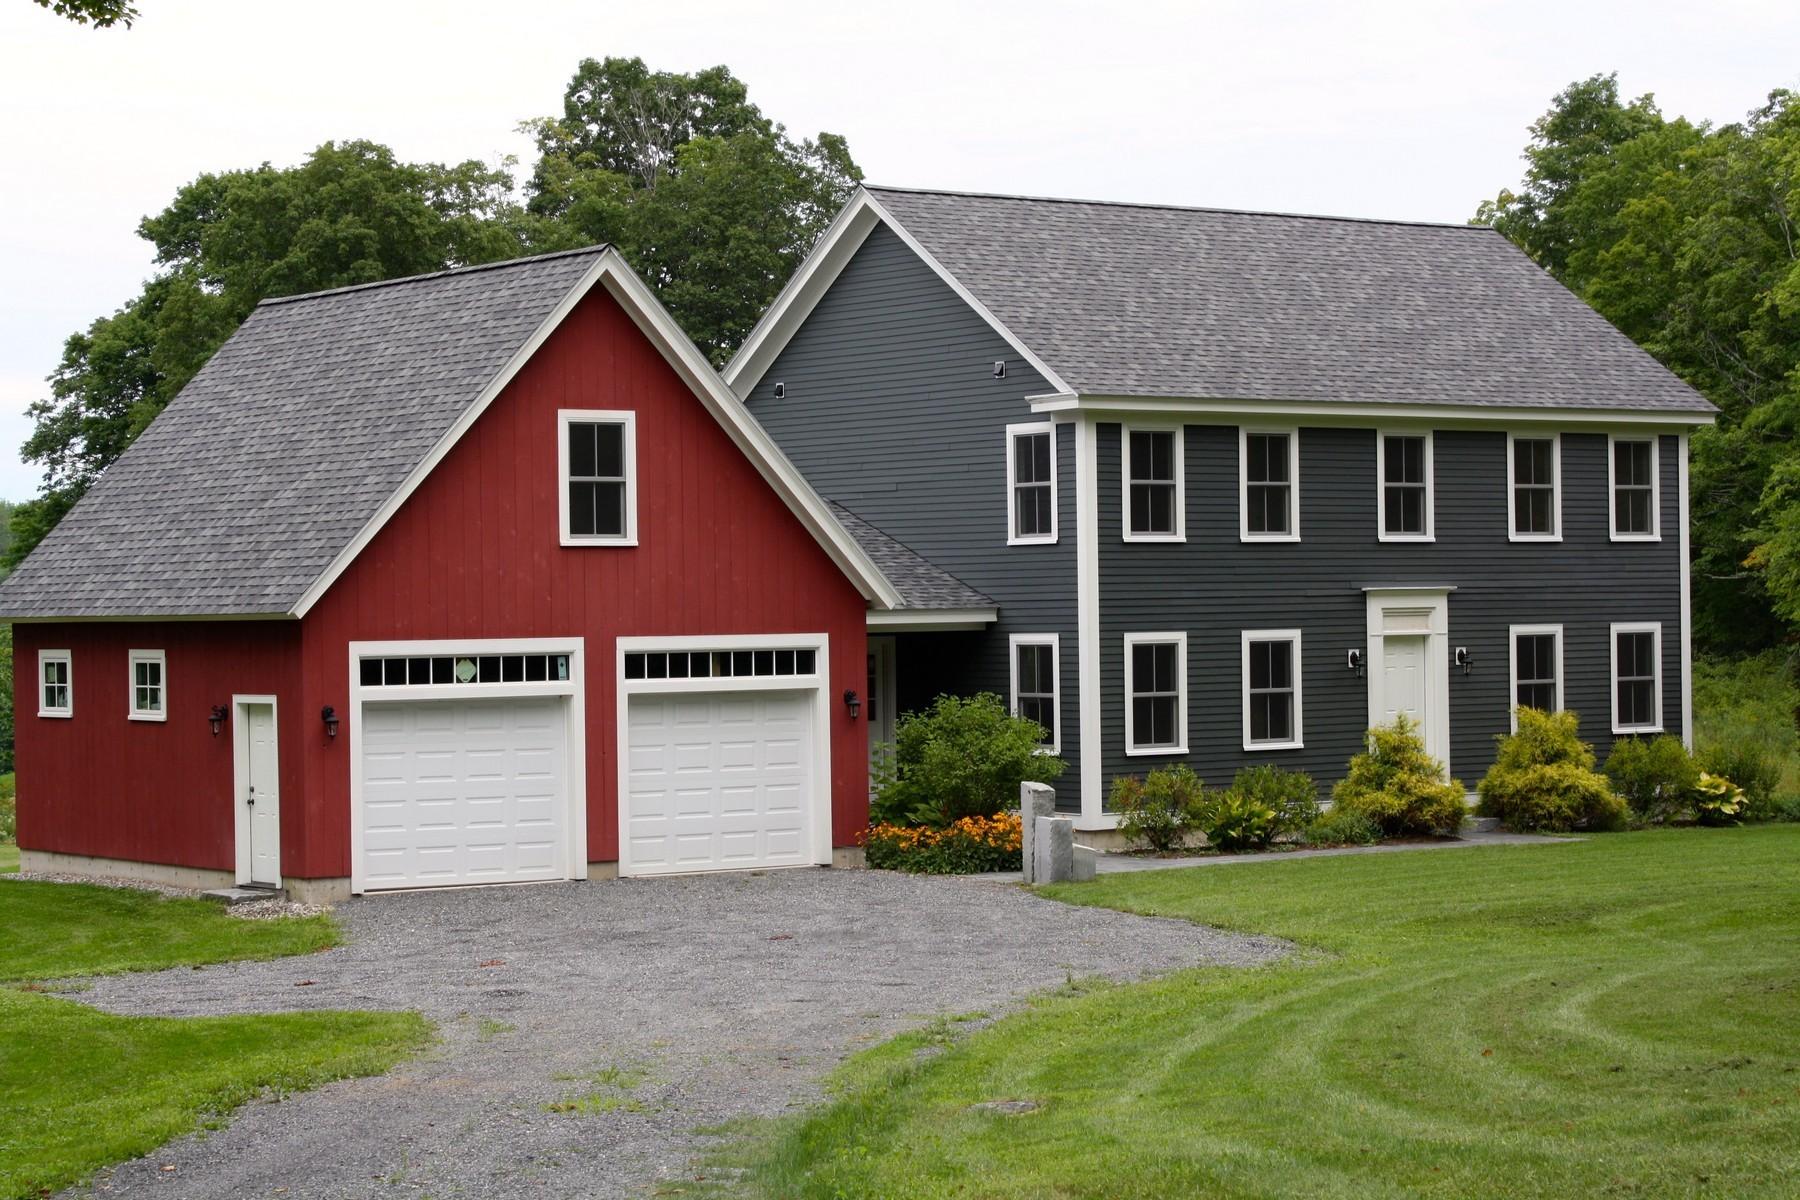 Maison unifamiliale pour l Vente à New Colonial With Stunning Custom Details 400 Towslee Hill Rd Pawlet, Vermont 05761 États-Unis